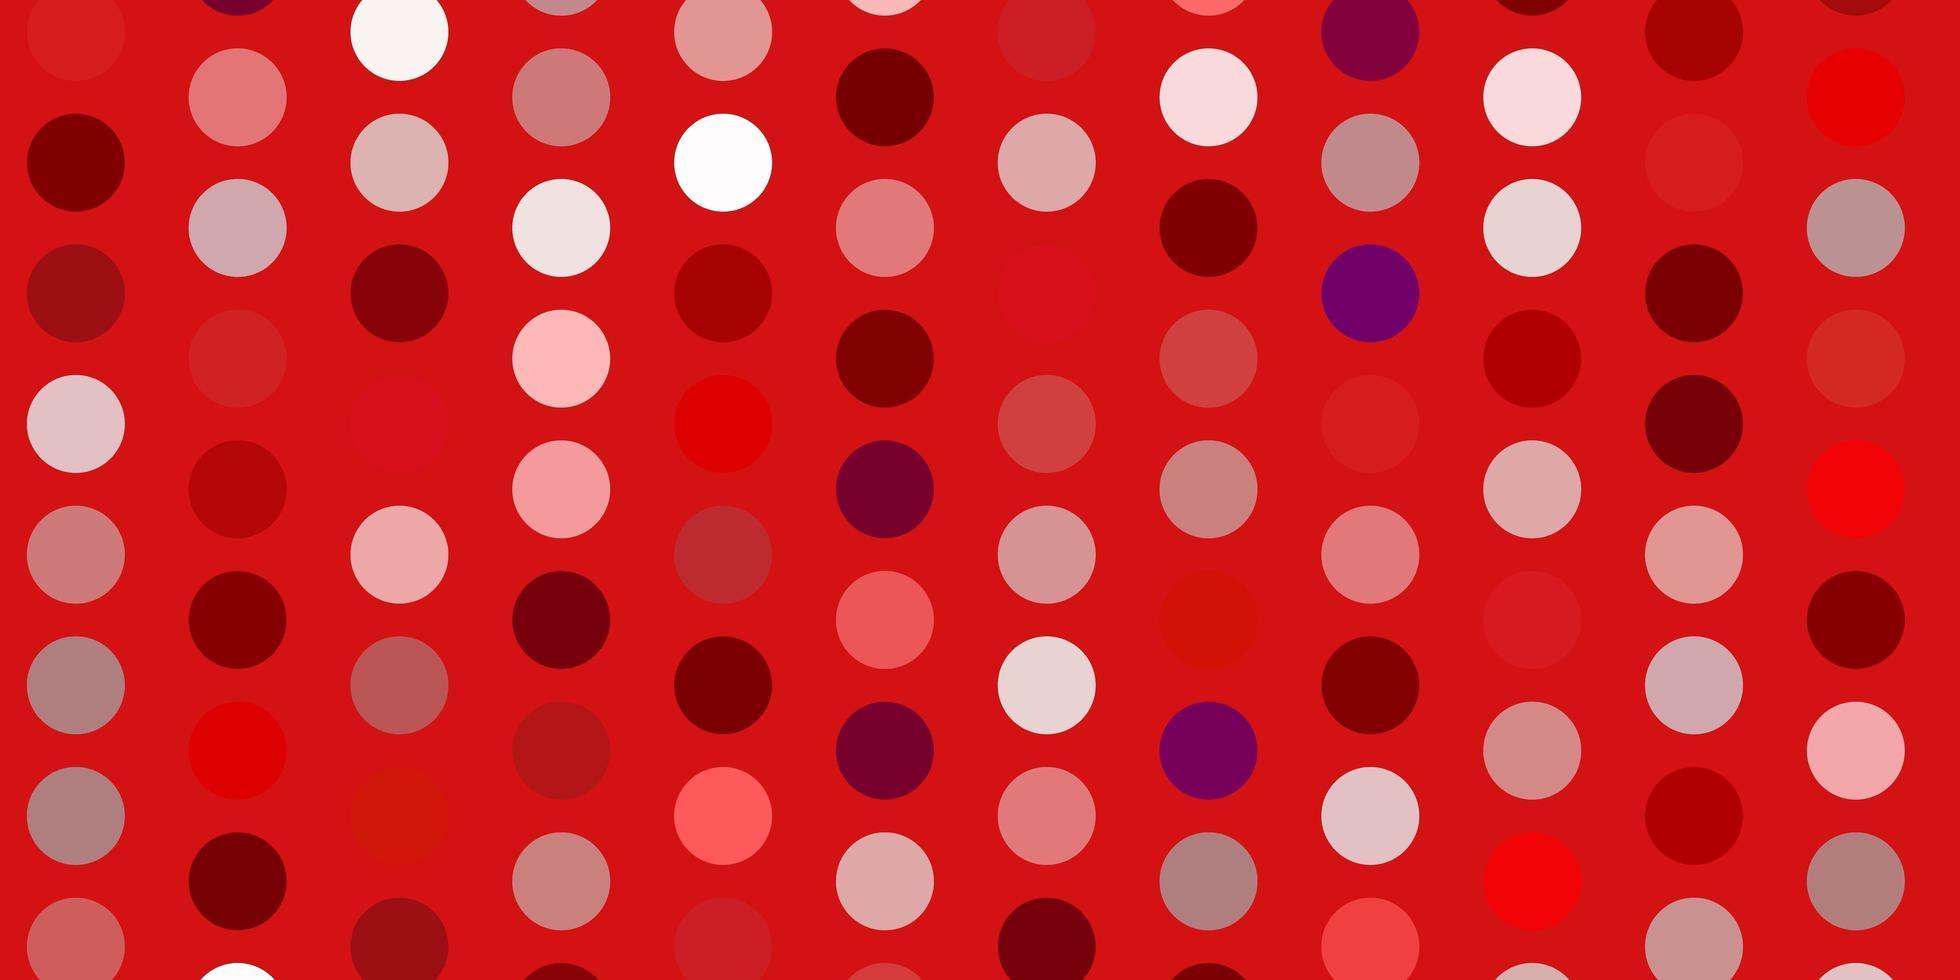 pano de fundo vector rosa, vermelho claro com pontos.